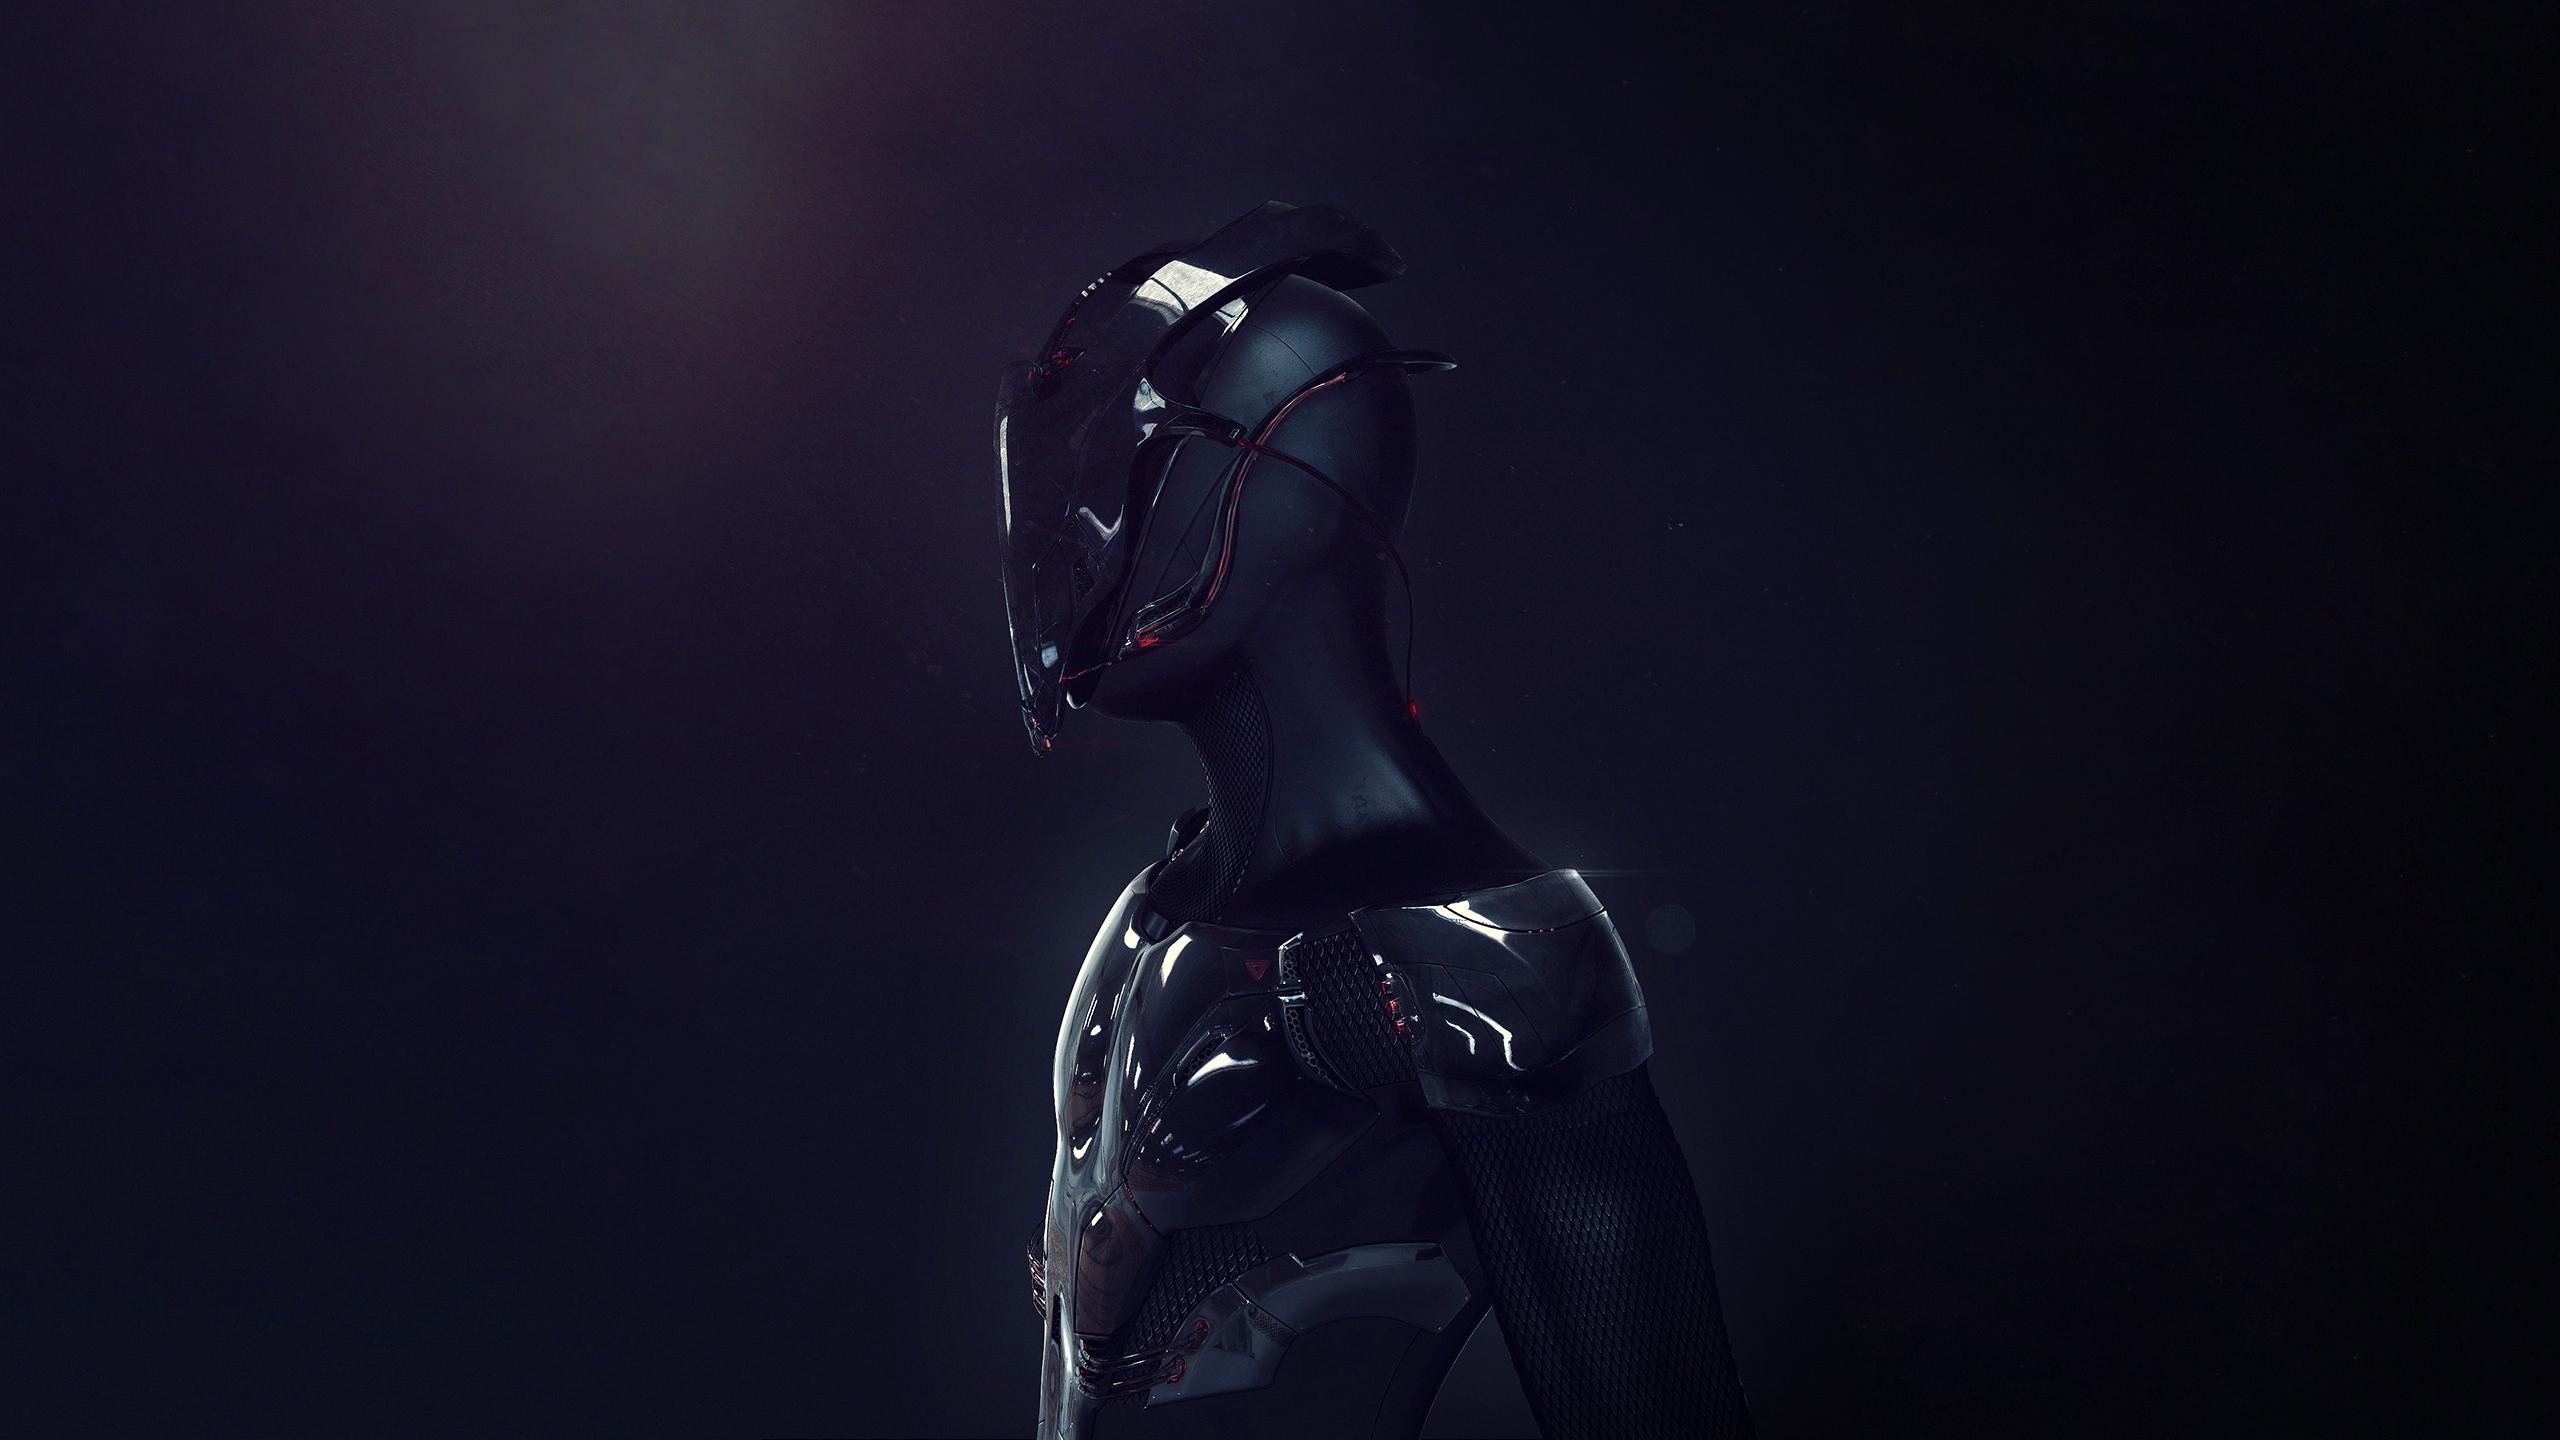 Armure Futuriste fond d'écran : art numérique, science fiction, masque, armure